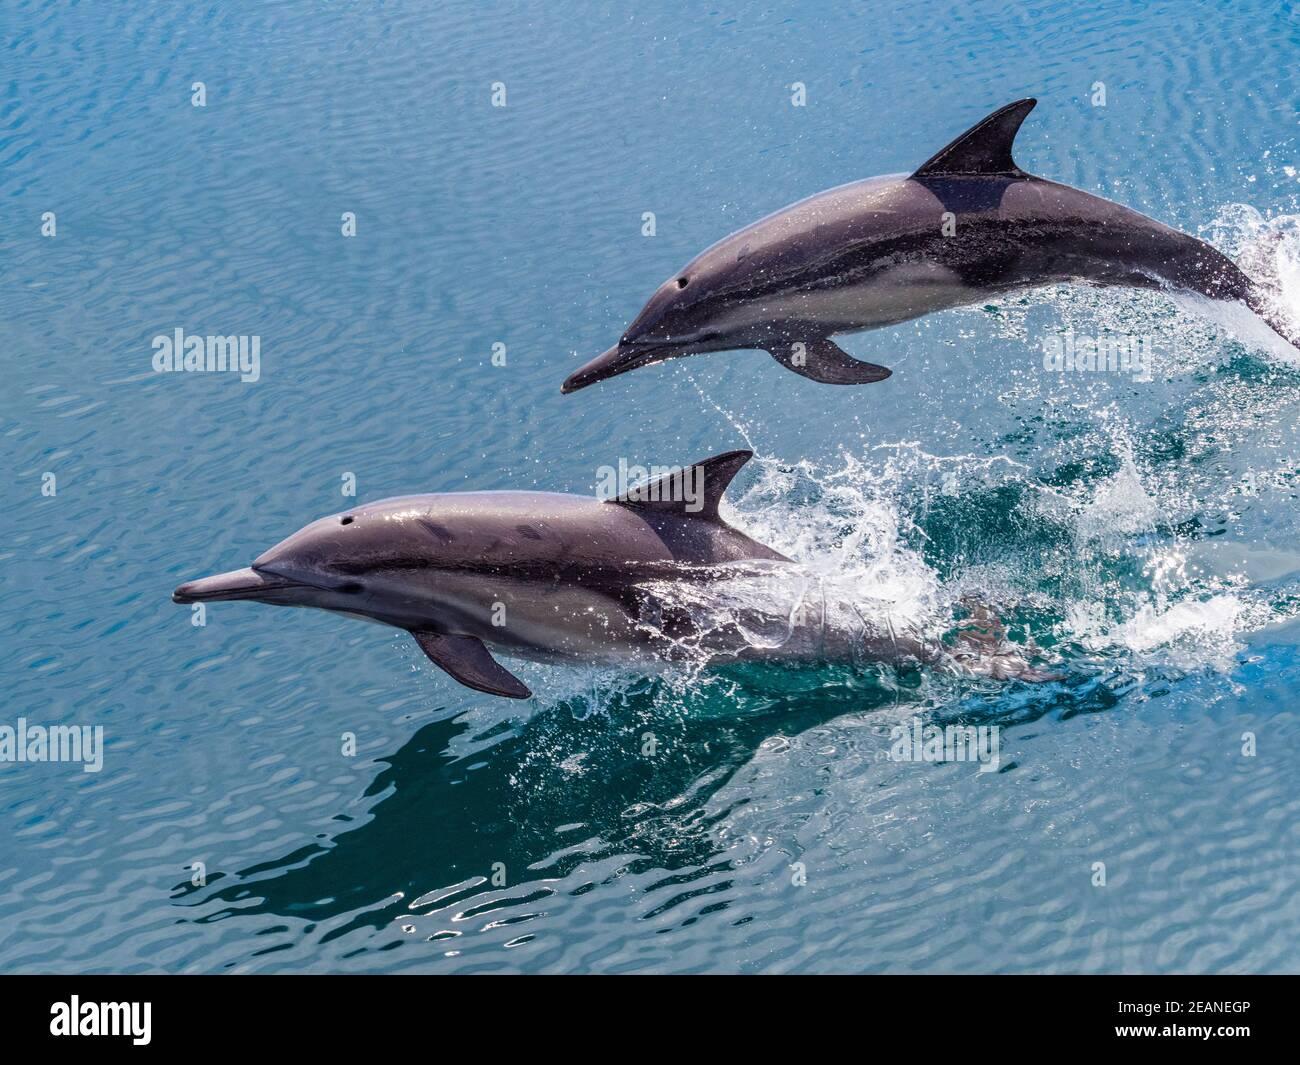 Delfines comunes de pico largo (Delphinus capensis), saltando, Isla San Pedro Esteban, Baja California, México, América del Norte Foto de stock